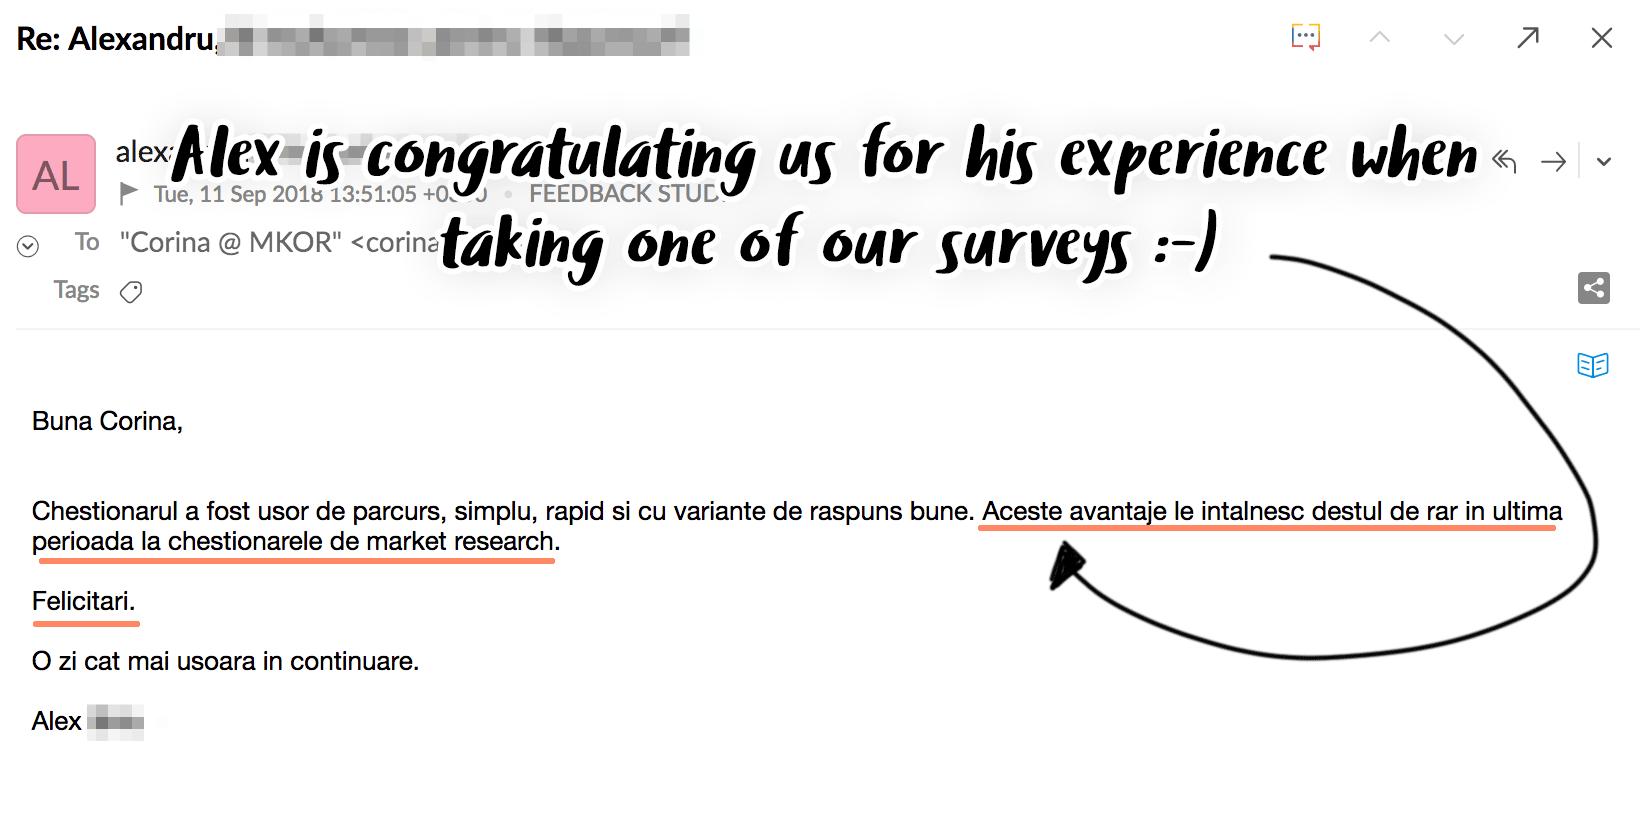 panel feedback 2